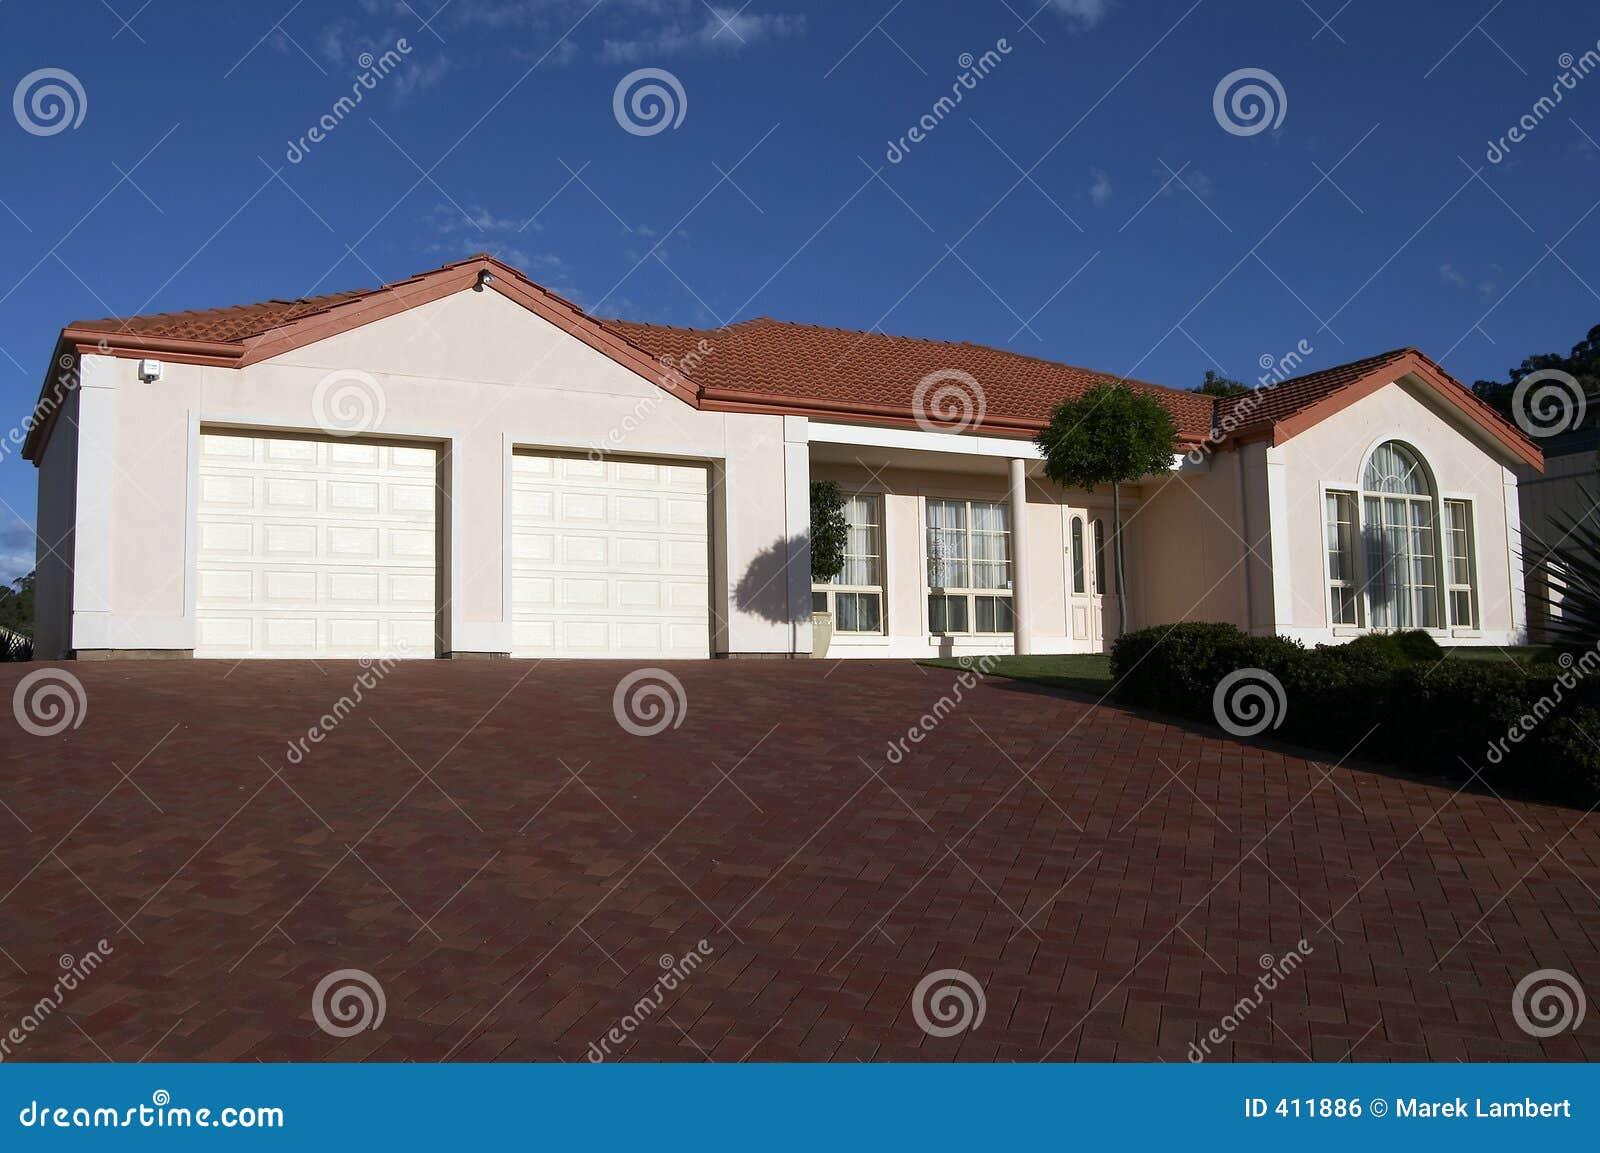 Cuidadosamente actual casa de una sola planta imagen de - Casas de una planta fotos ...